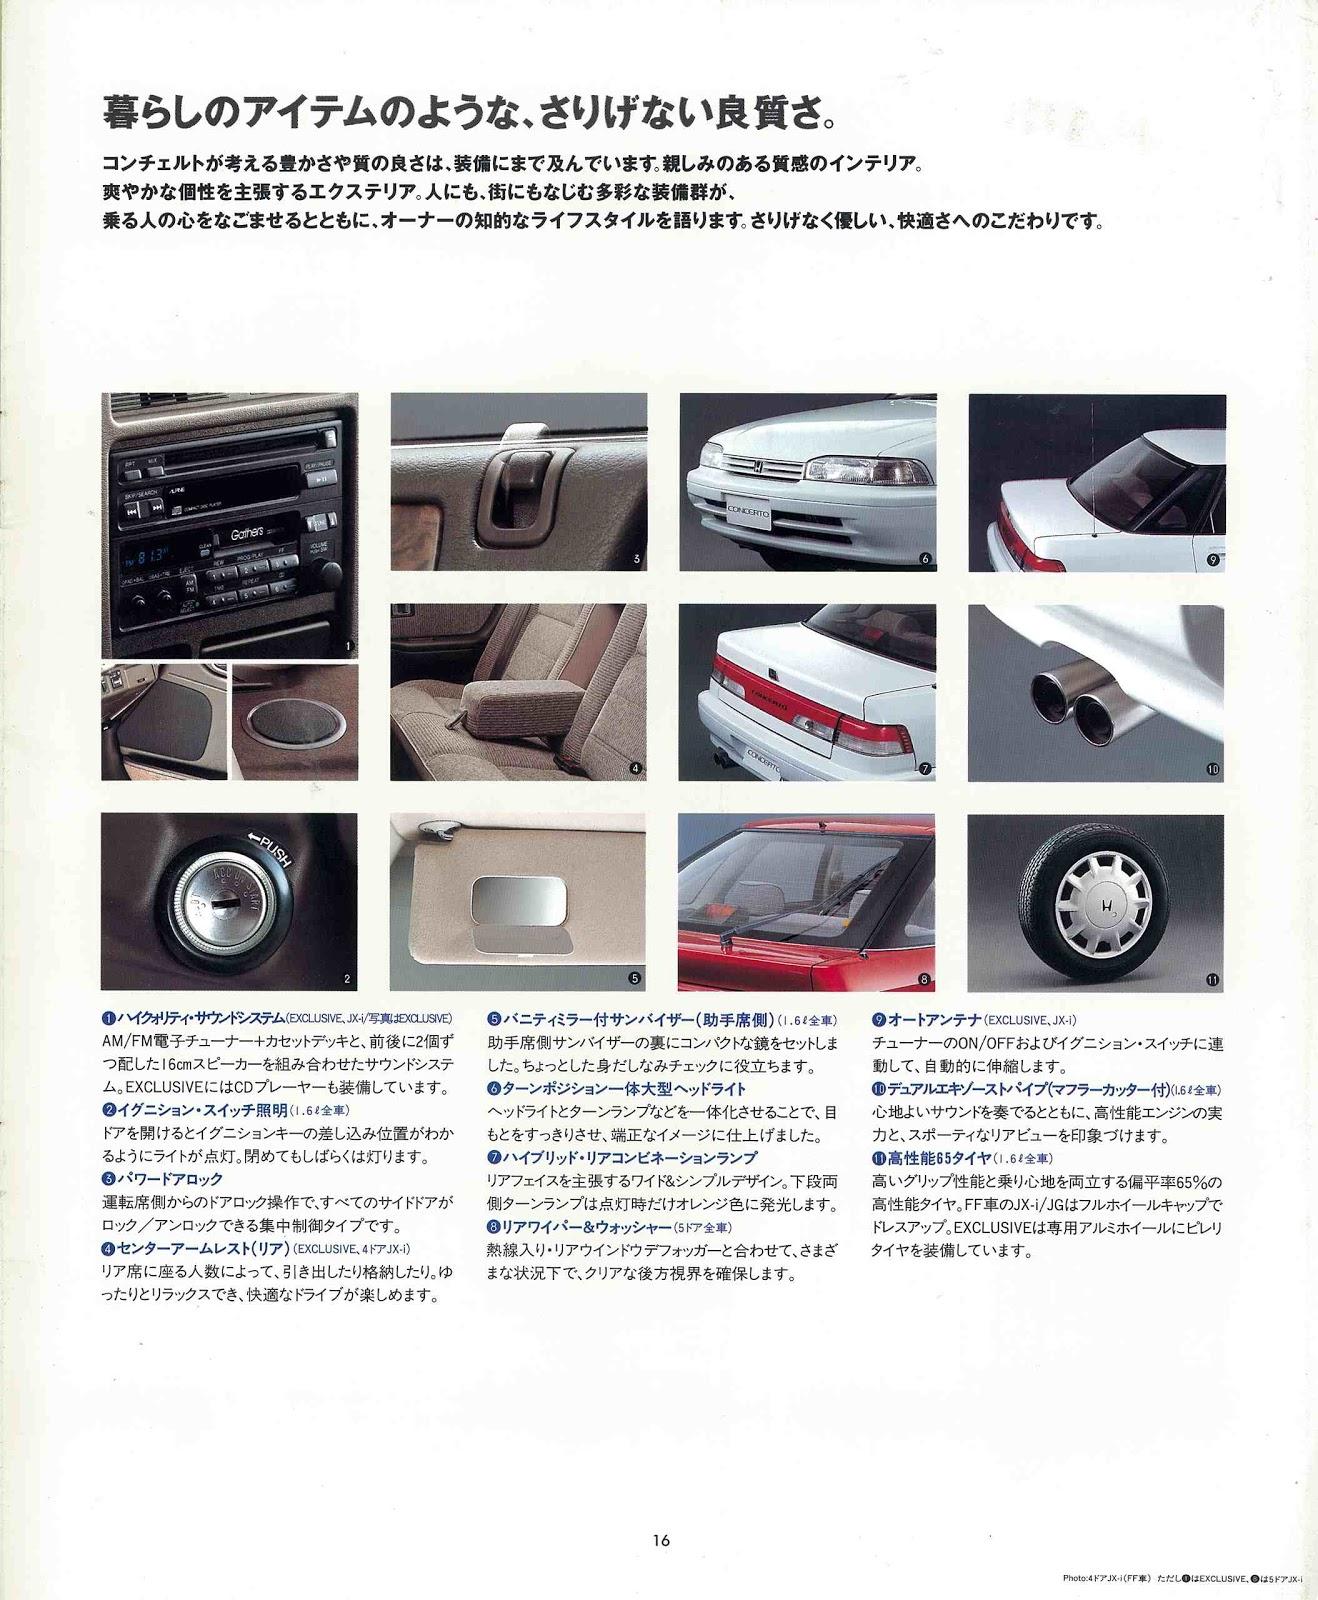 Honda Concerto, wyposażenie, wnętrze